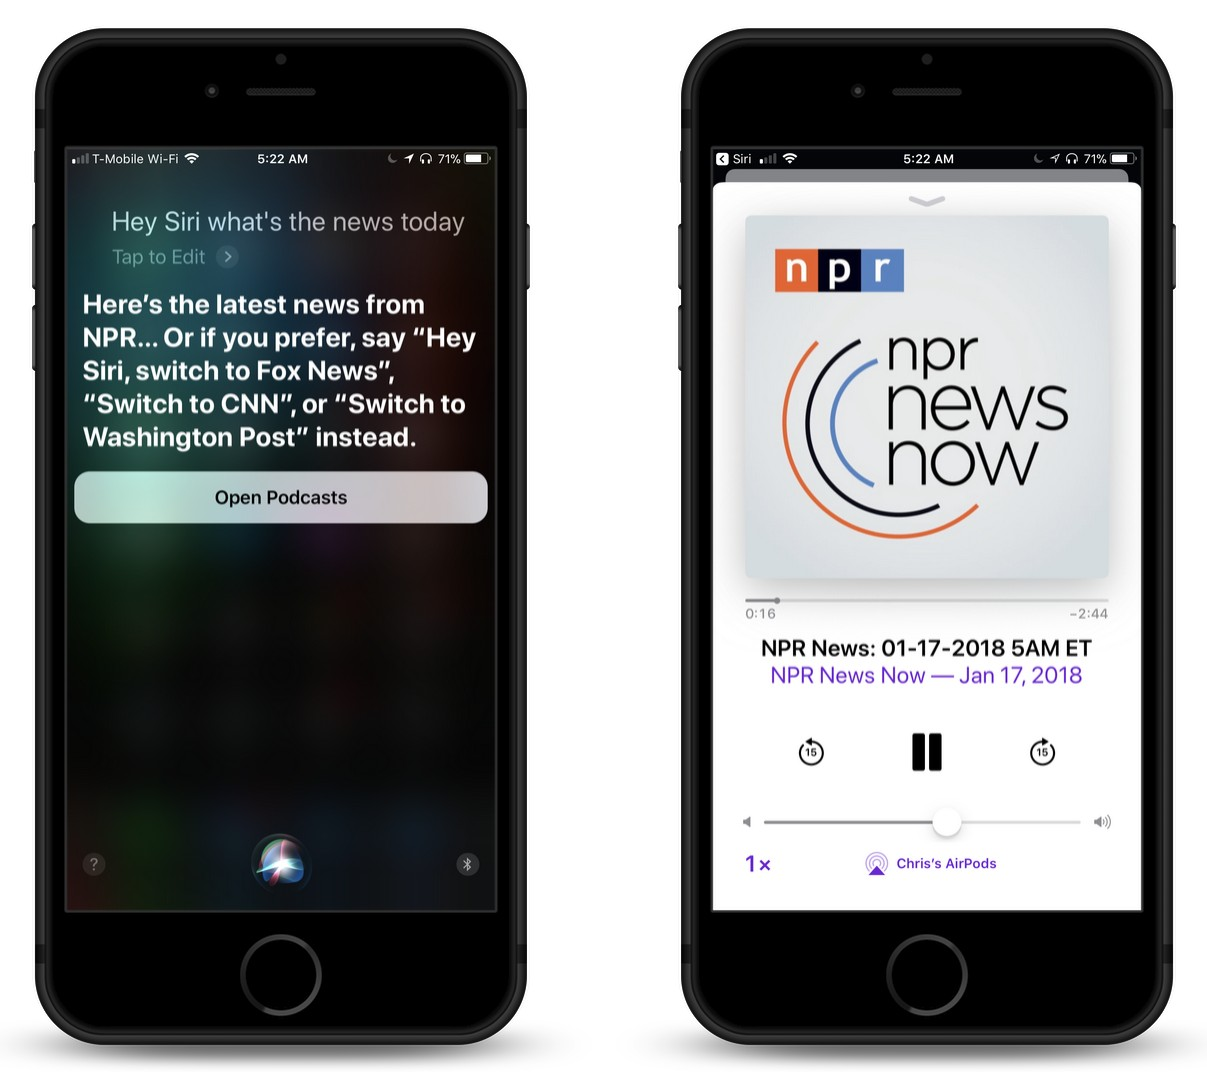 Как звонить, отправлять сообщения и email без рук с помощью siri | новости apple. все о mac, iphone, ipad, ios, macos и apple tv